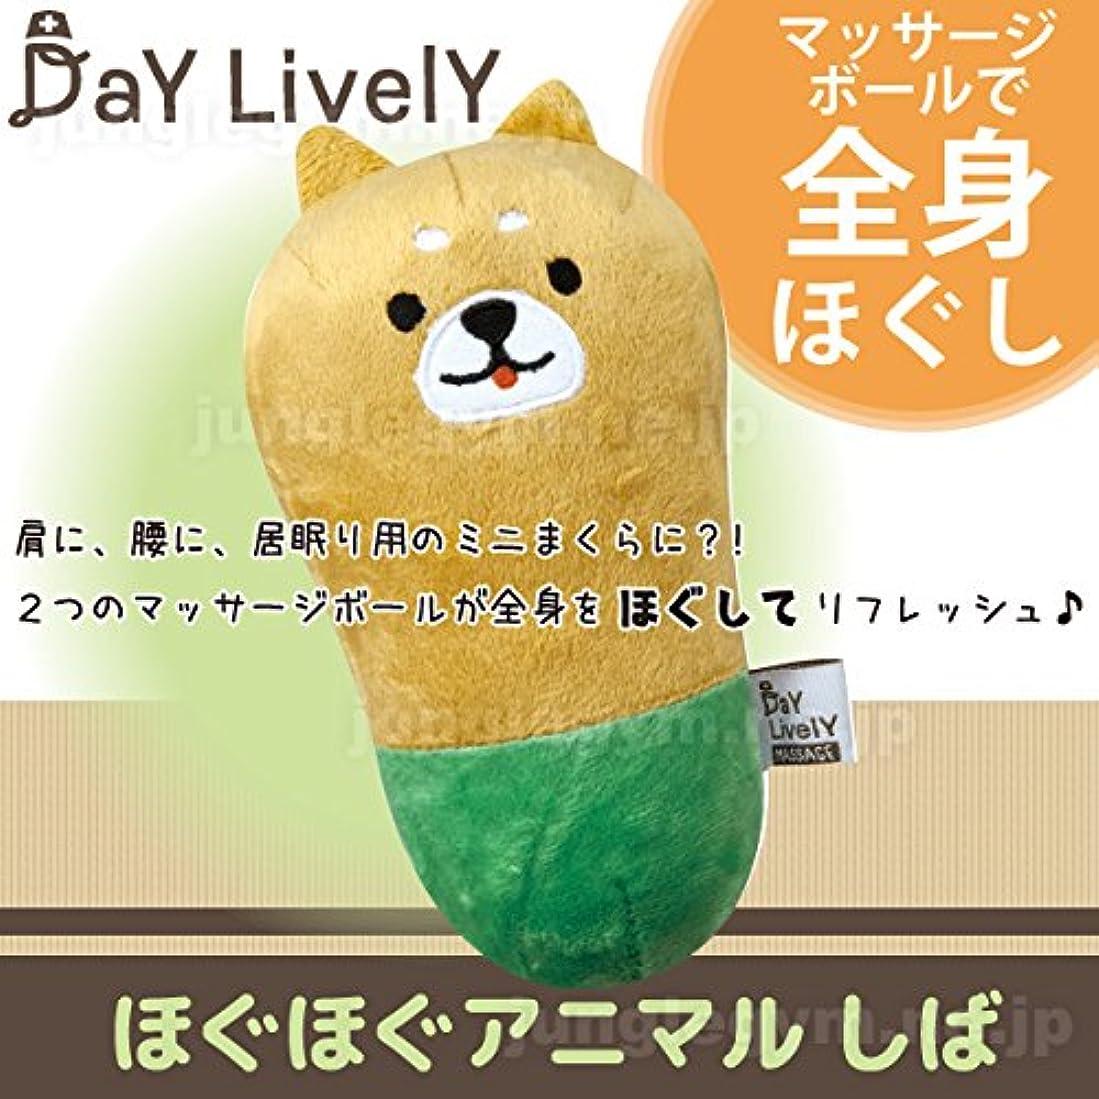 差別化するヒップ繁殖デコレ デイライブリー ほぐほぐアニマル しば (decole DaY LivelY ) マッサージ器具 かわいい 柴犬 シバイヌ しばいぬ 犬雑貨 犬グッズ